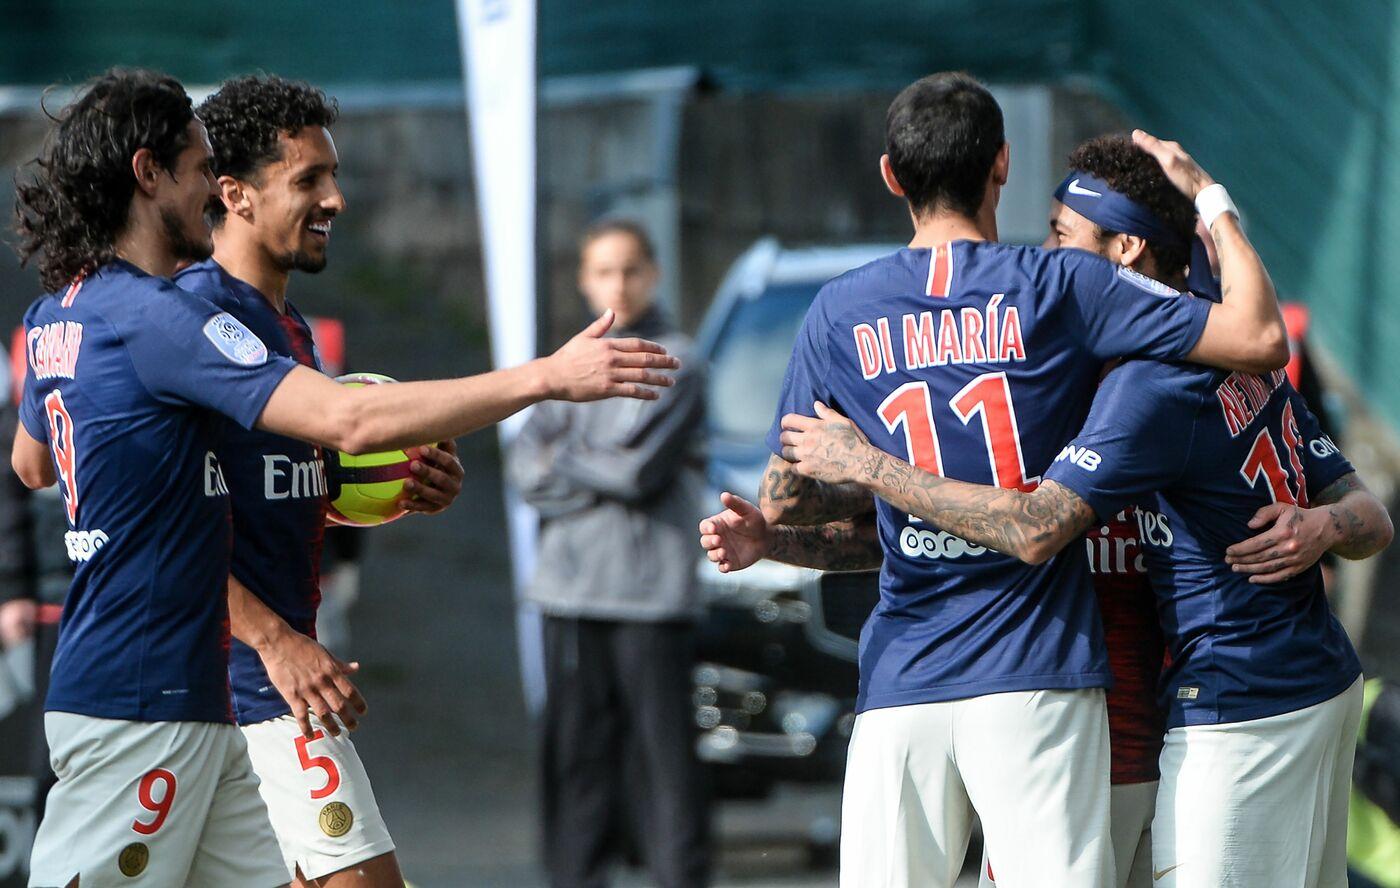 Calendario Ligue 1.Ligue 1 Il Calendario Si Parte Subito Con Monaco Lione